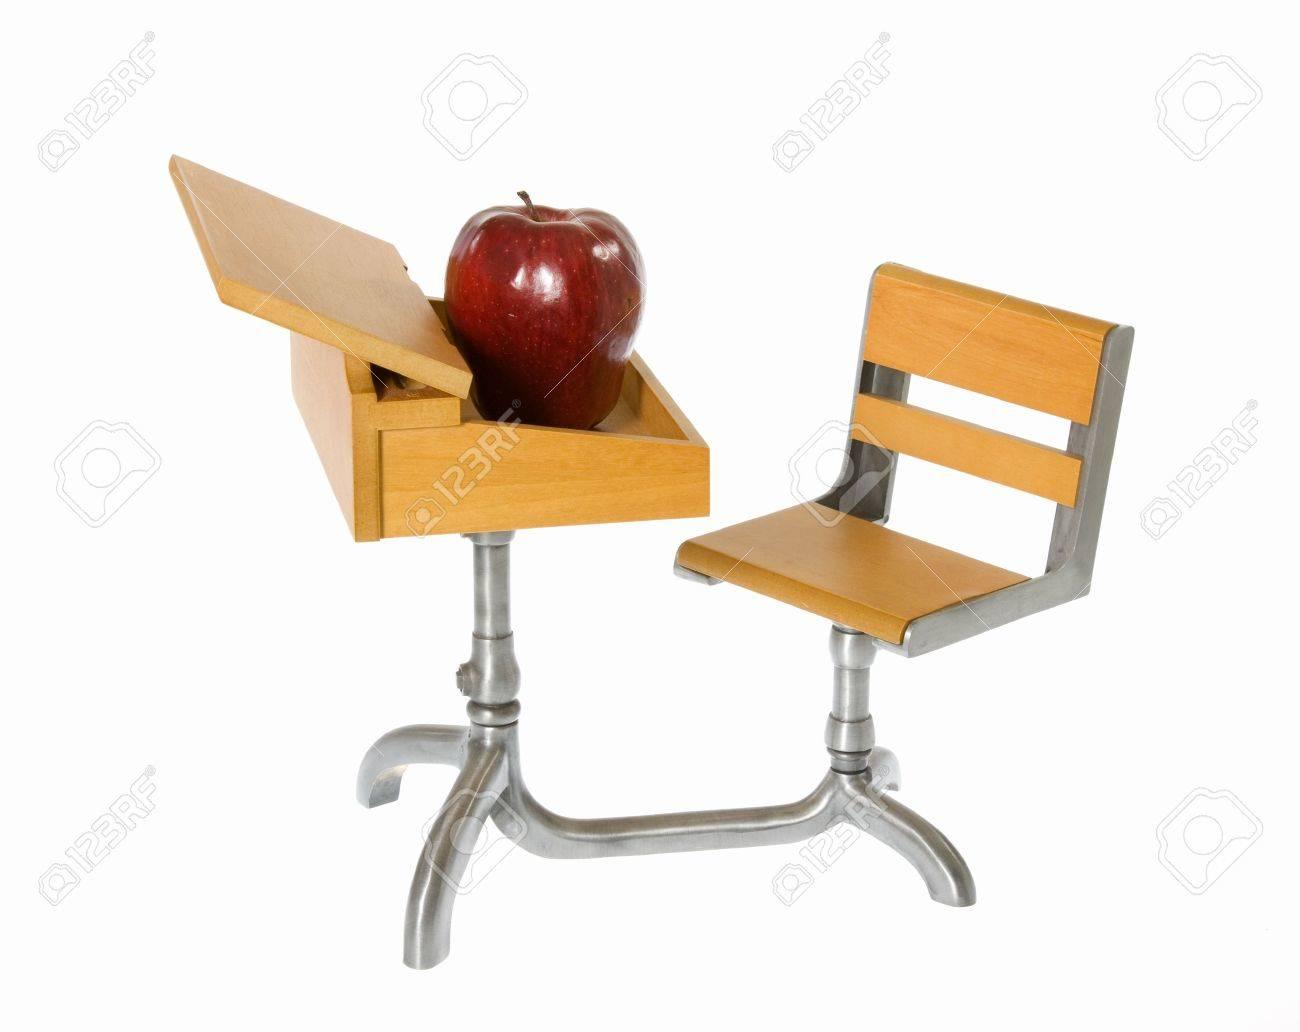 Le Blanc Chaise D'école Miniature Pour Bois EnfantBureau En BureauIsolé Jouet Avec Et Sur Connectée Pomme HW92YEDI